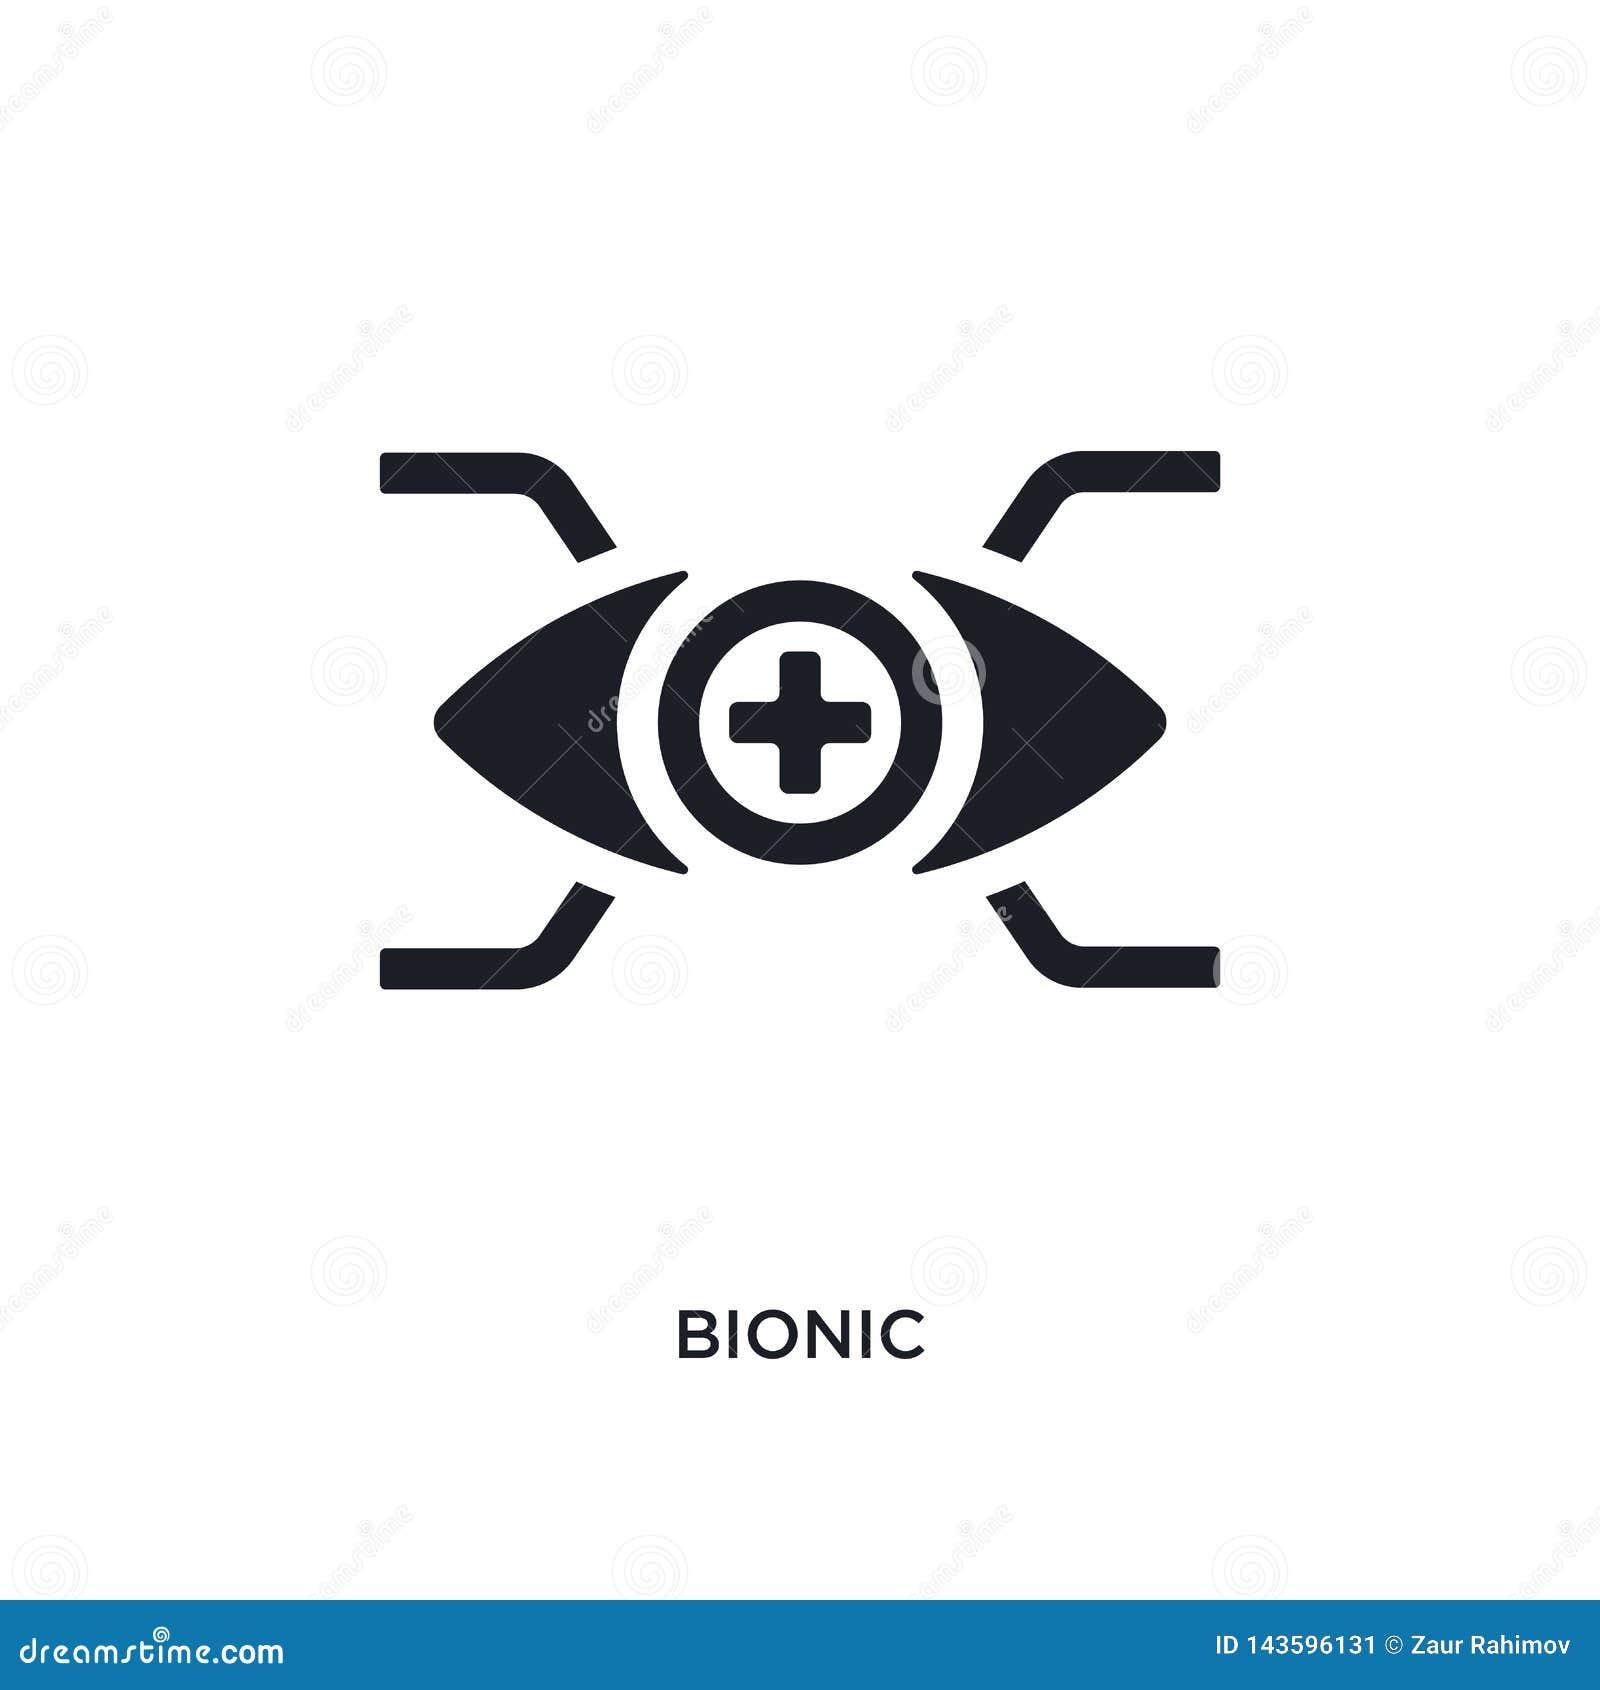 Svart bionisk isolerad vektorsymbol enkel beståndsdelillustration från ökade symboler för verklighetbegreppsvektor bionisk redige